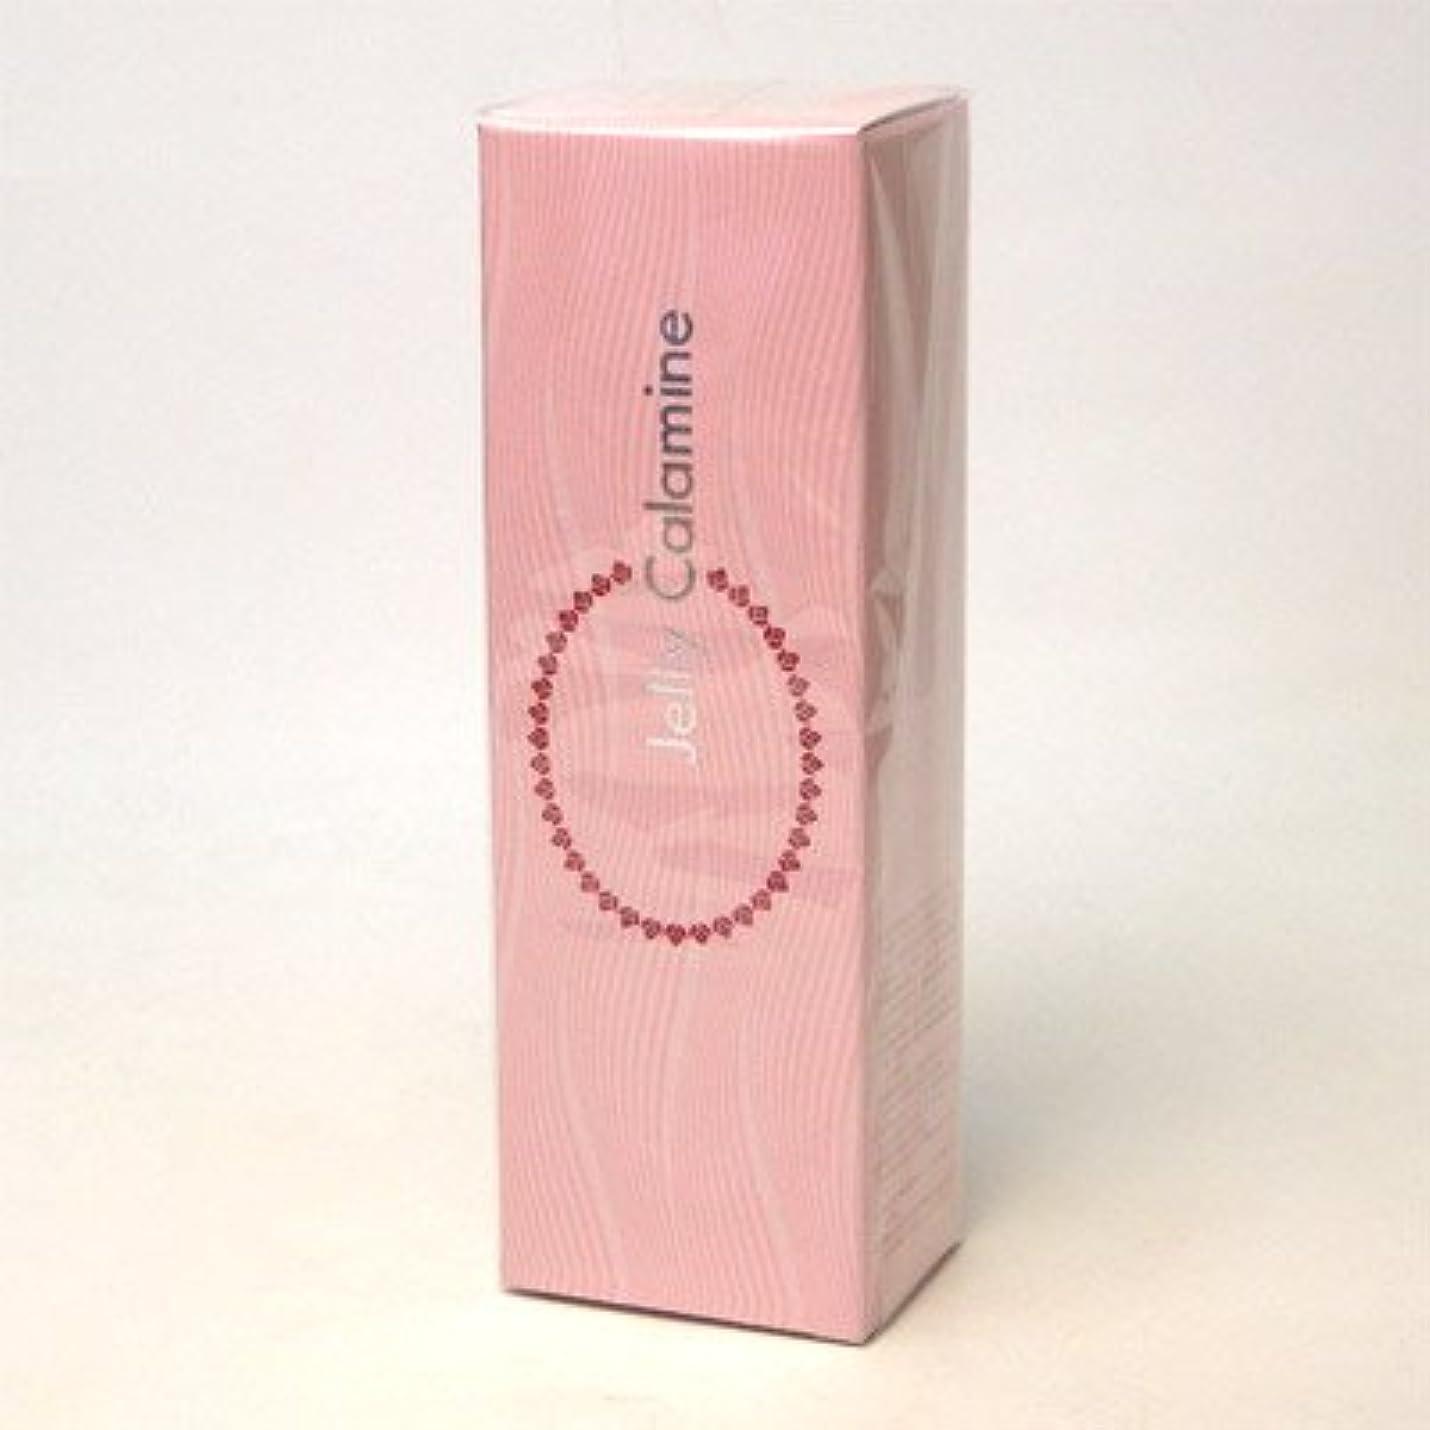 結晶運動するガソリンジュポン化粧品 ジェリーカラミン 100g